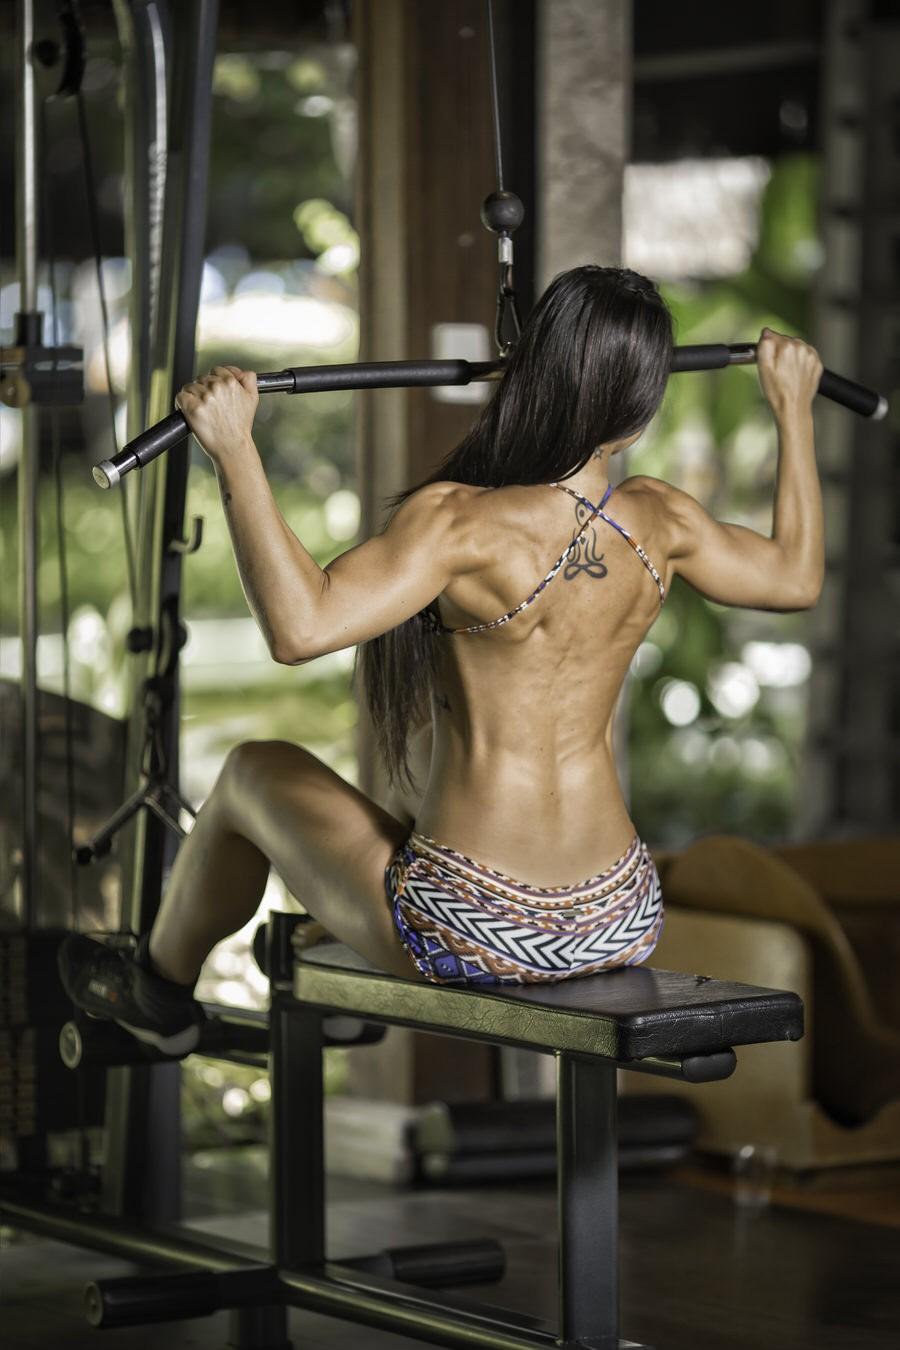 """""""Todo extremo é nocivo, seja de ambos os lados, tanto pendendo ao fitness como ao sedentário"""", diz Renata (Foto: Bennerlan Diesel/ Divulgação)"""